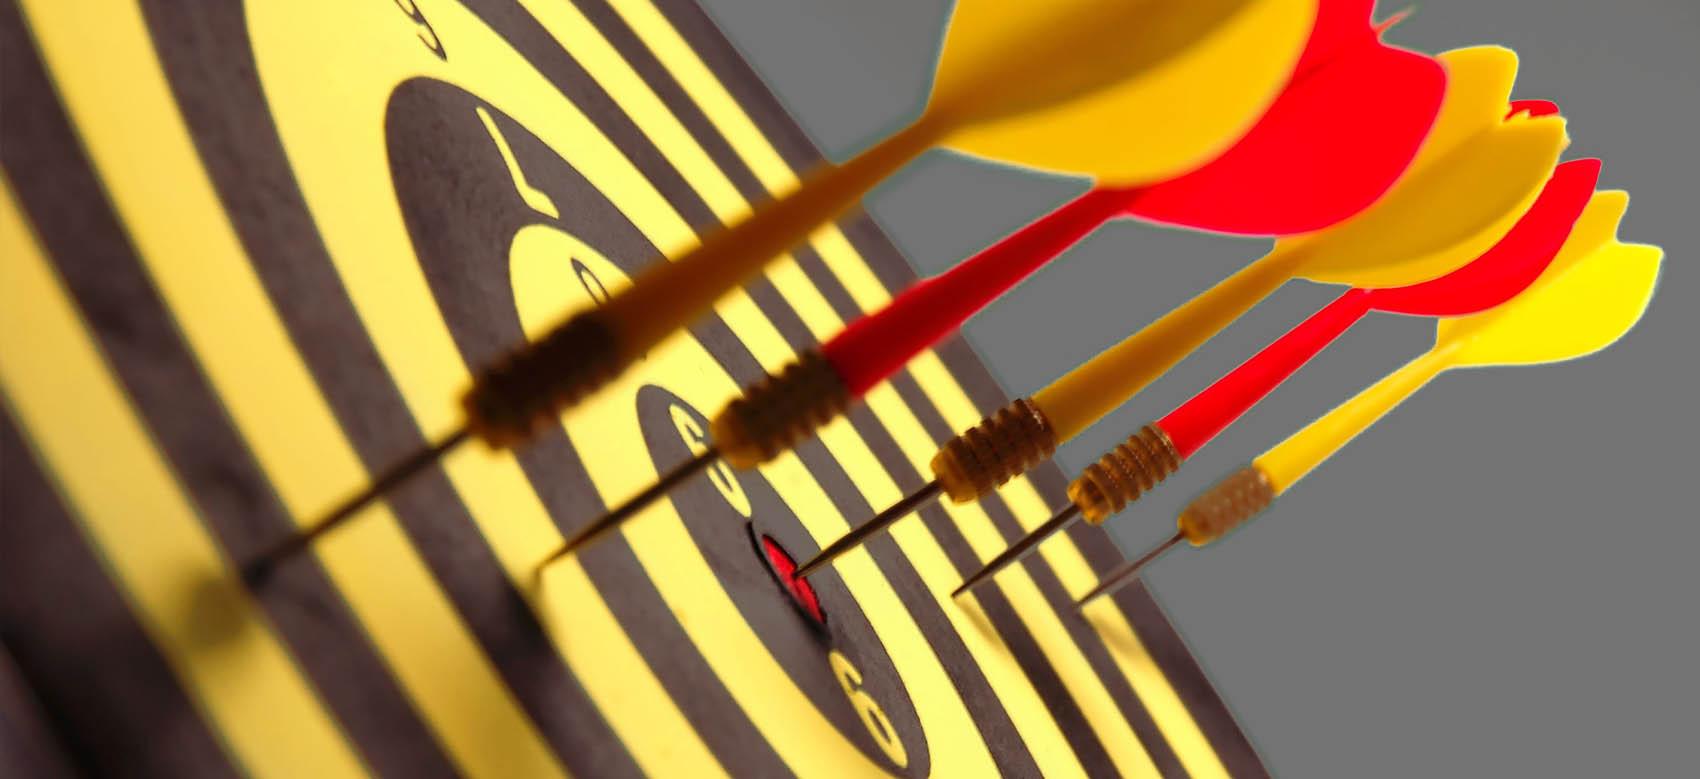 strategia di business: definisci i tuoi obiettivi